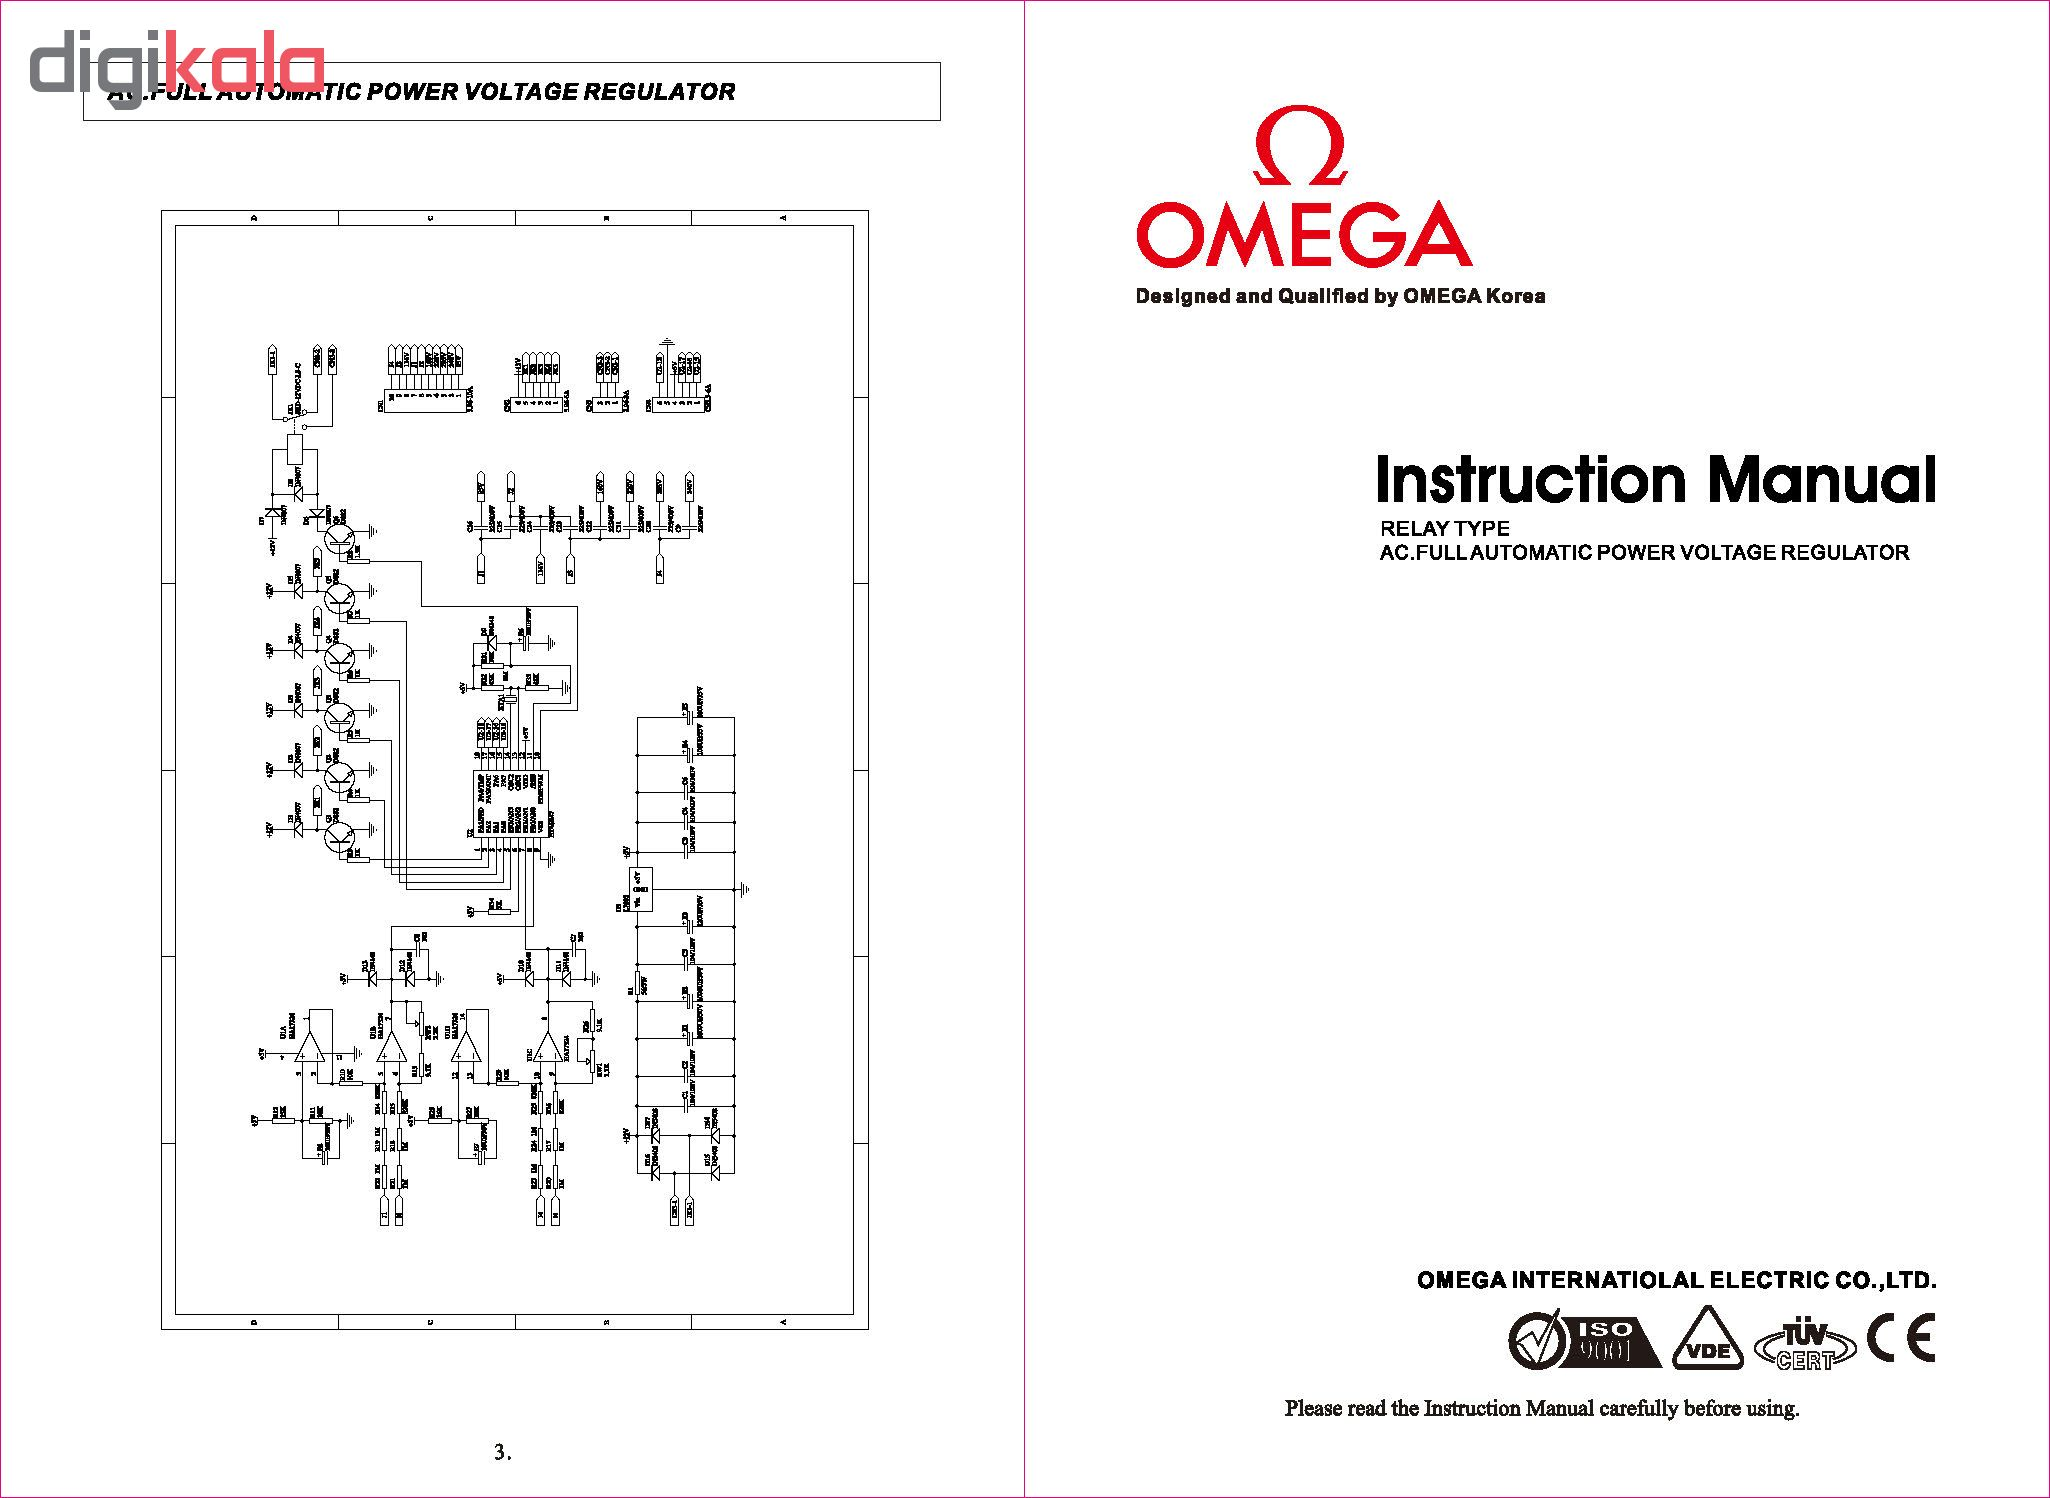 استابلایزر ترانسی رله ای امگا مدل OMG-R11-1K ظرفیت 1KVA